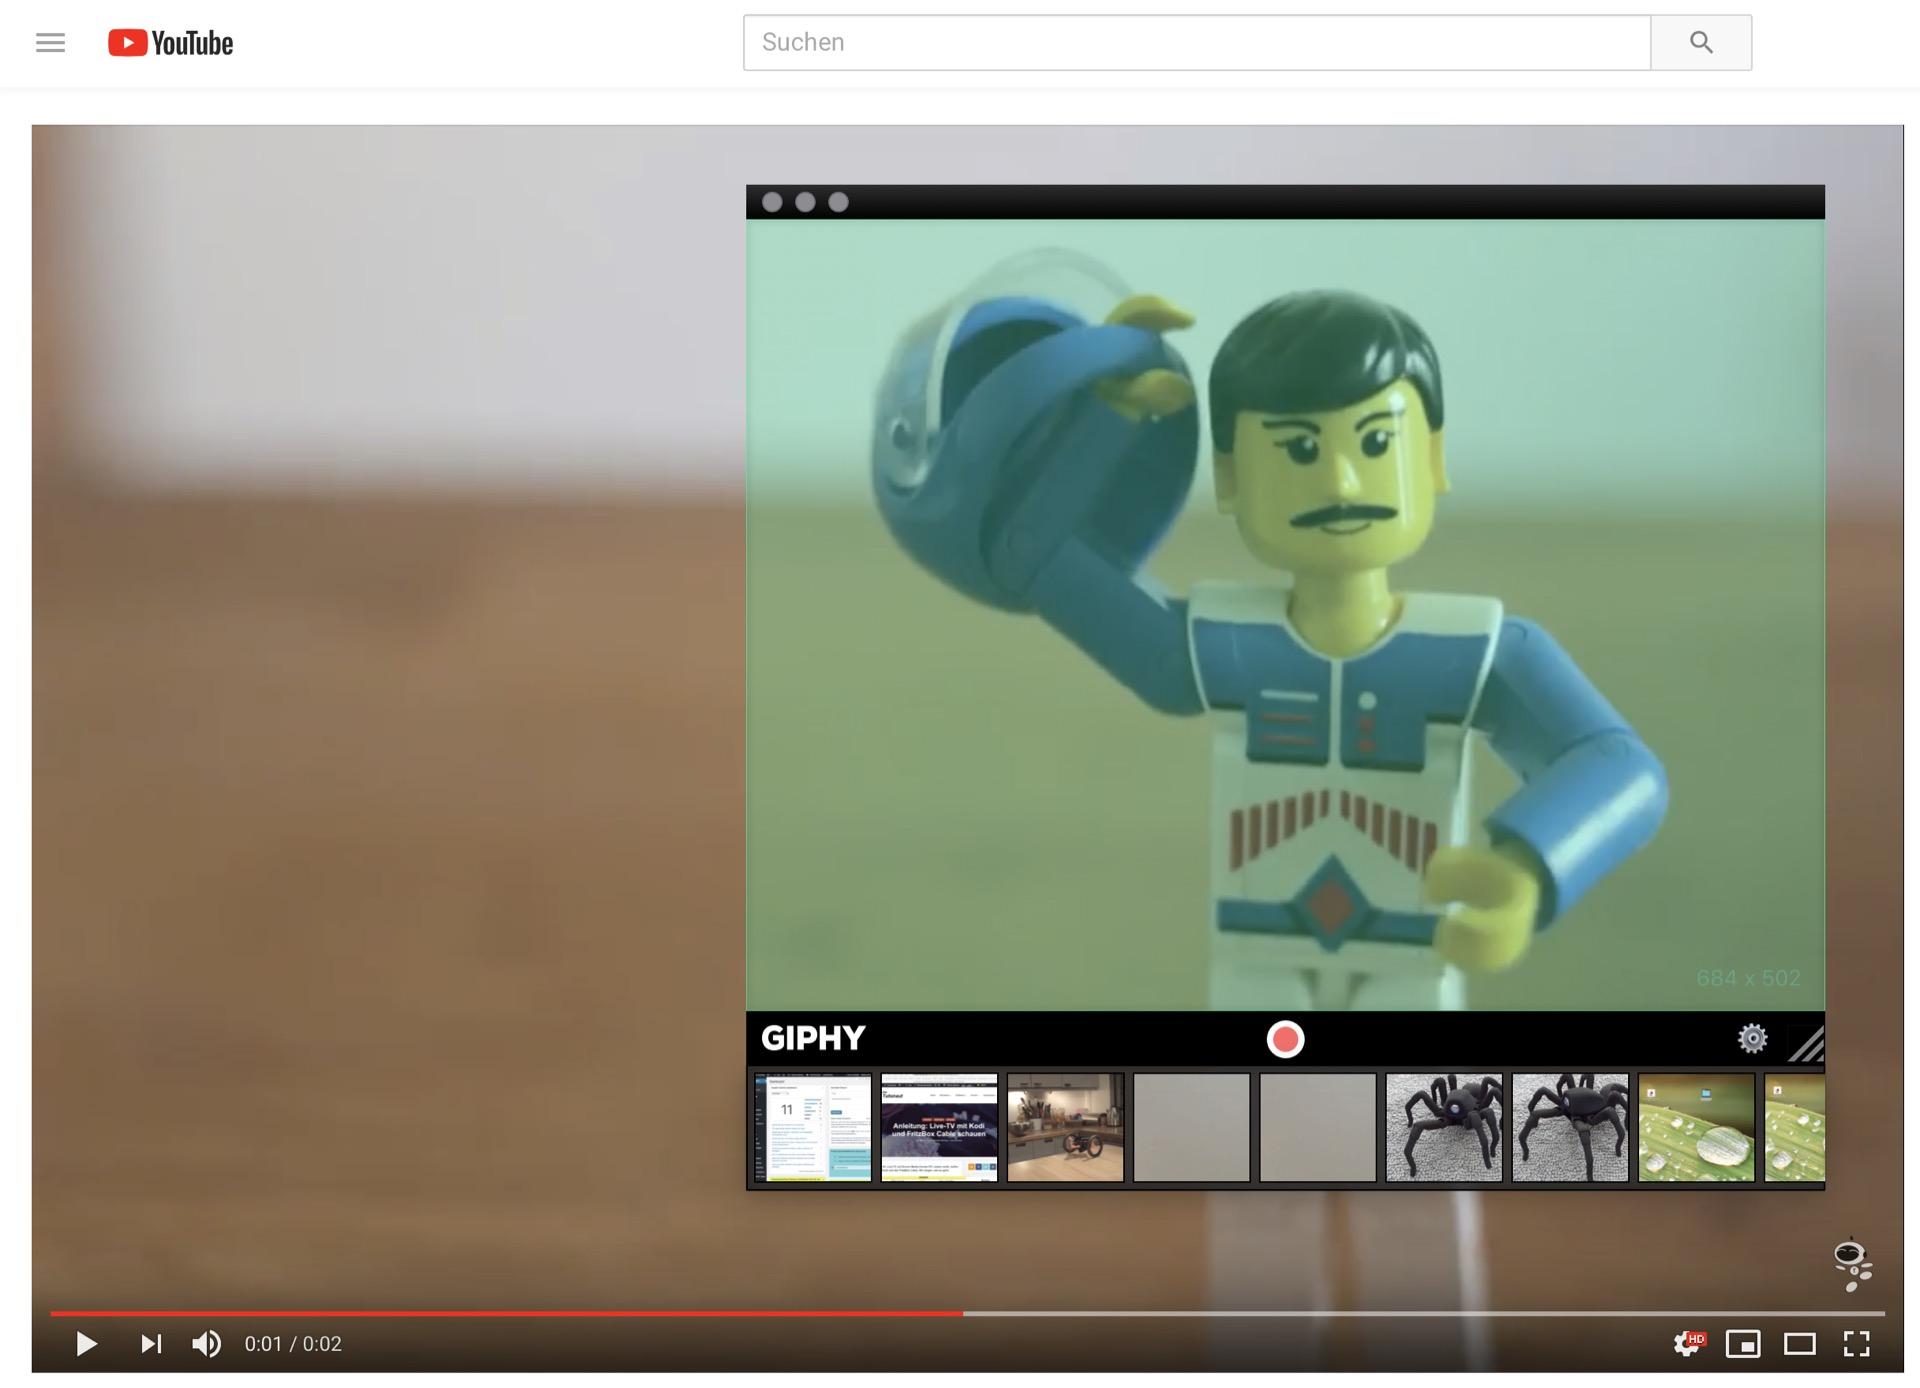 Mit Giphy Capture filmt Ihr einfach den Bildschirm ab.